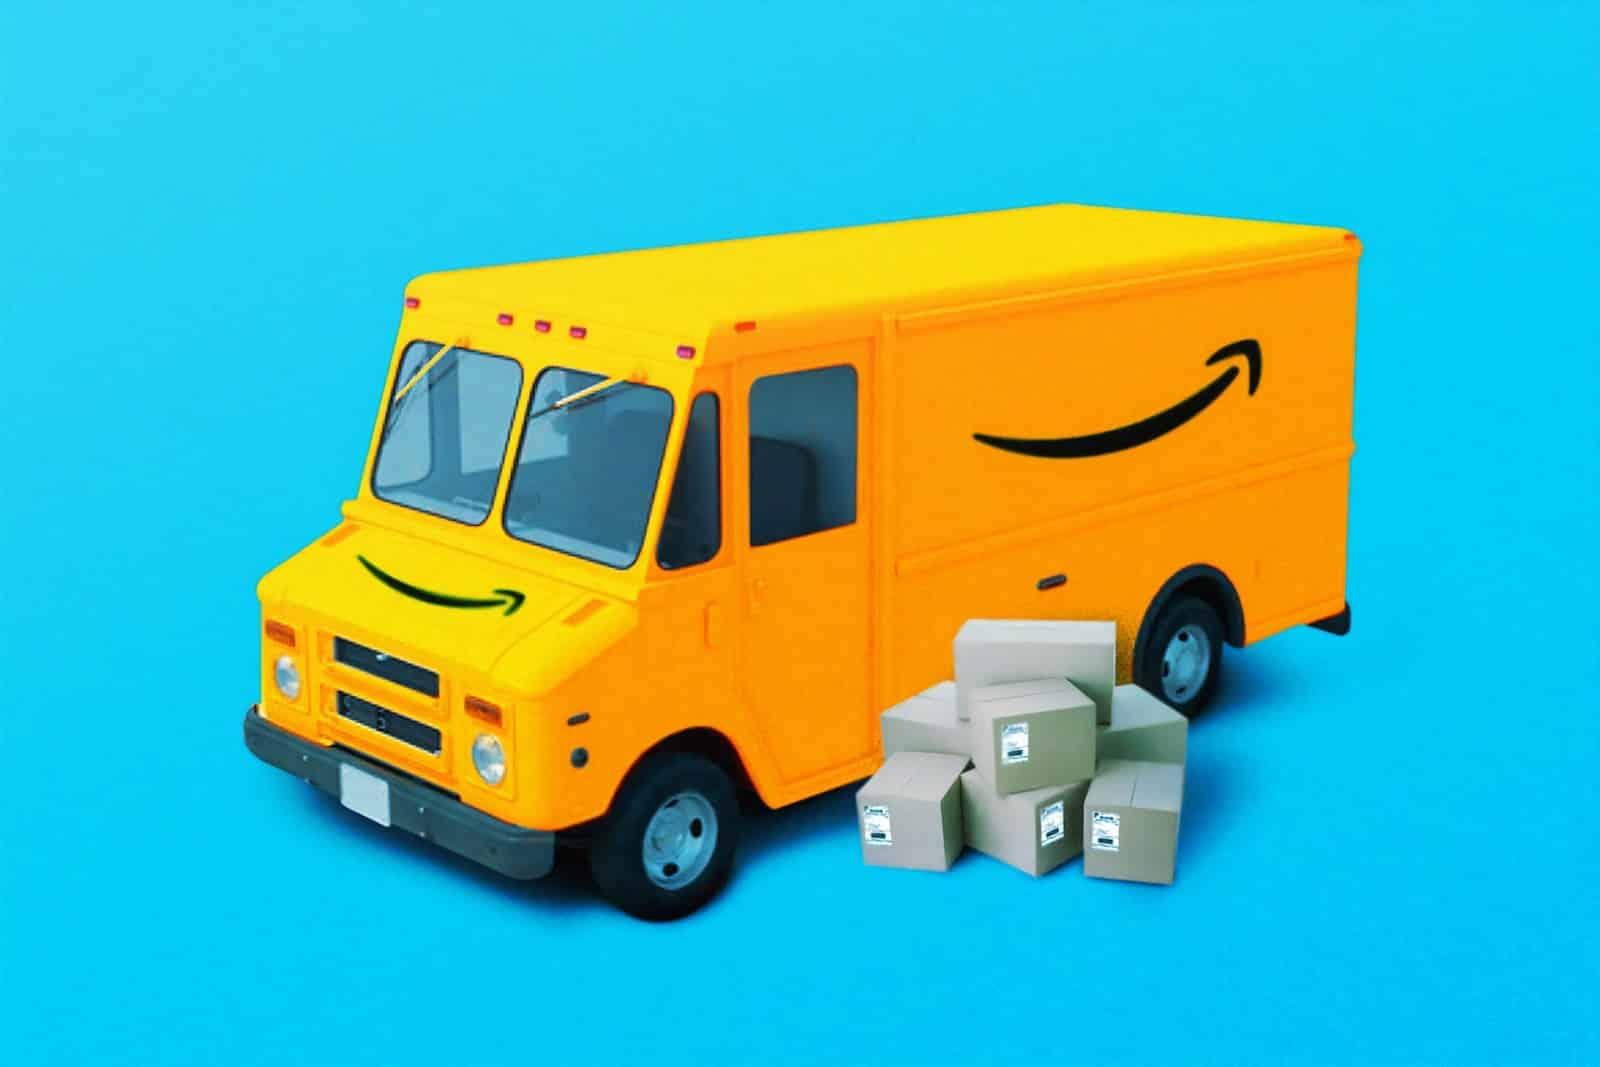 amazon van with company logo is on display, amazon fba calculator